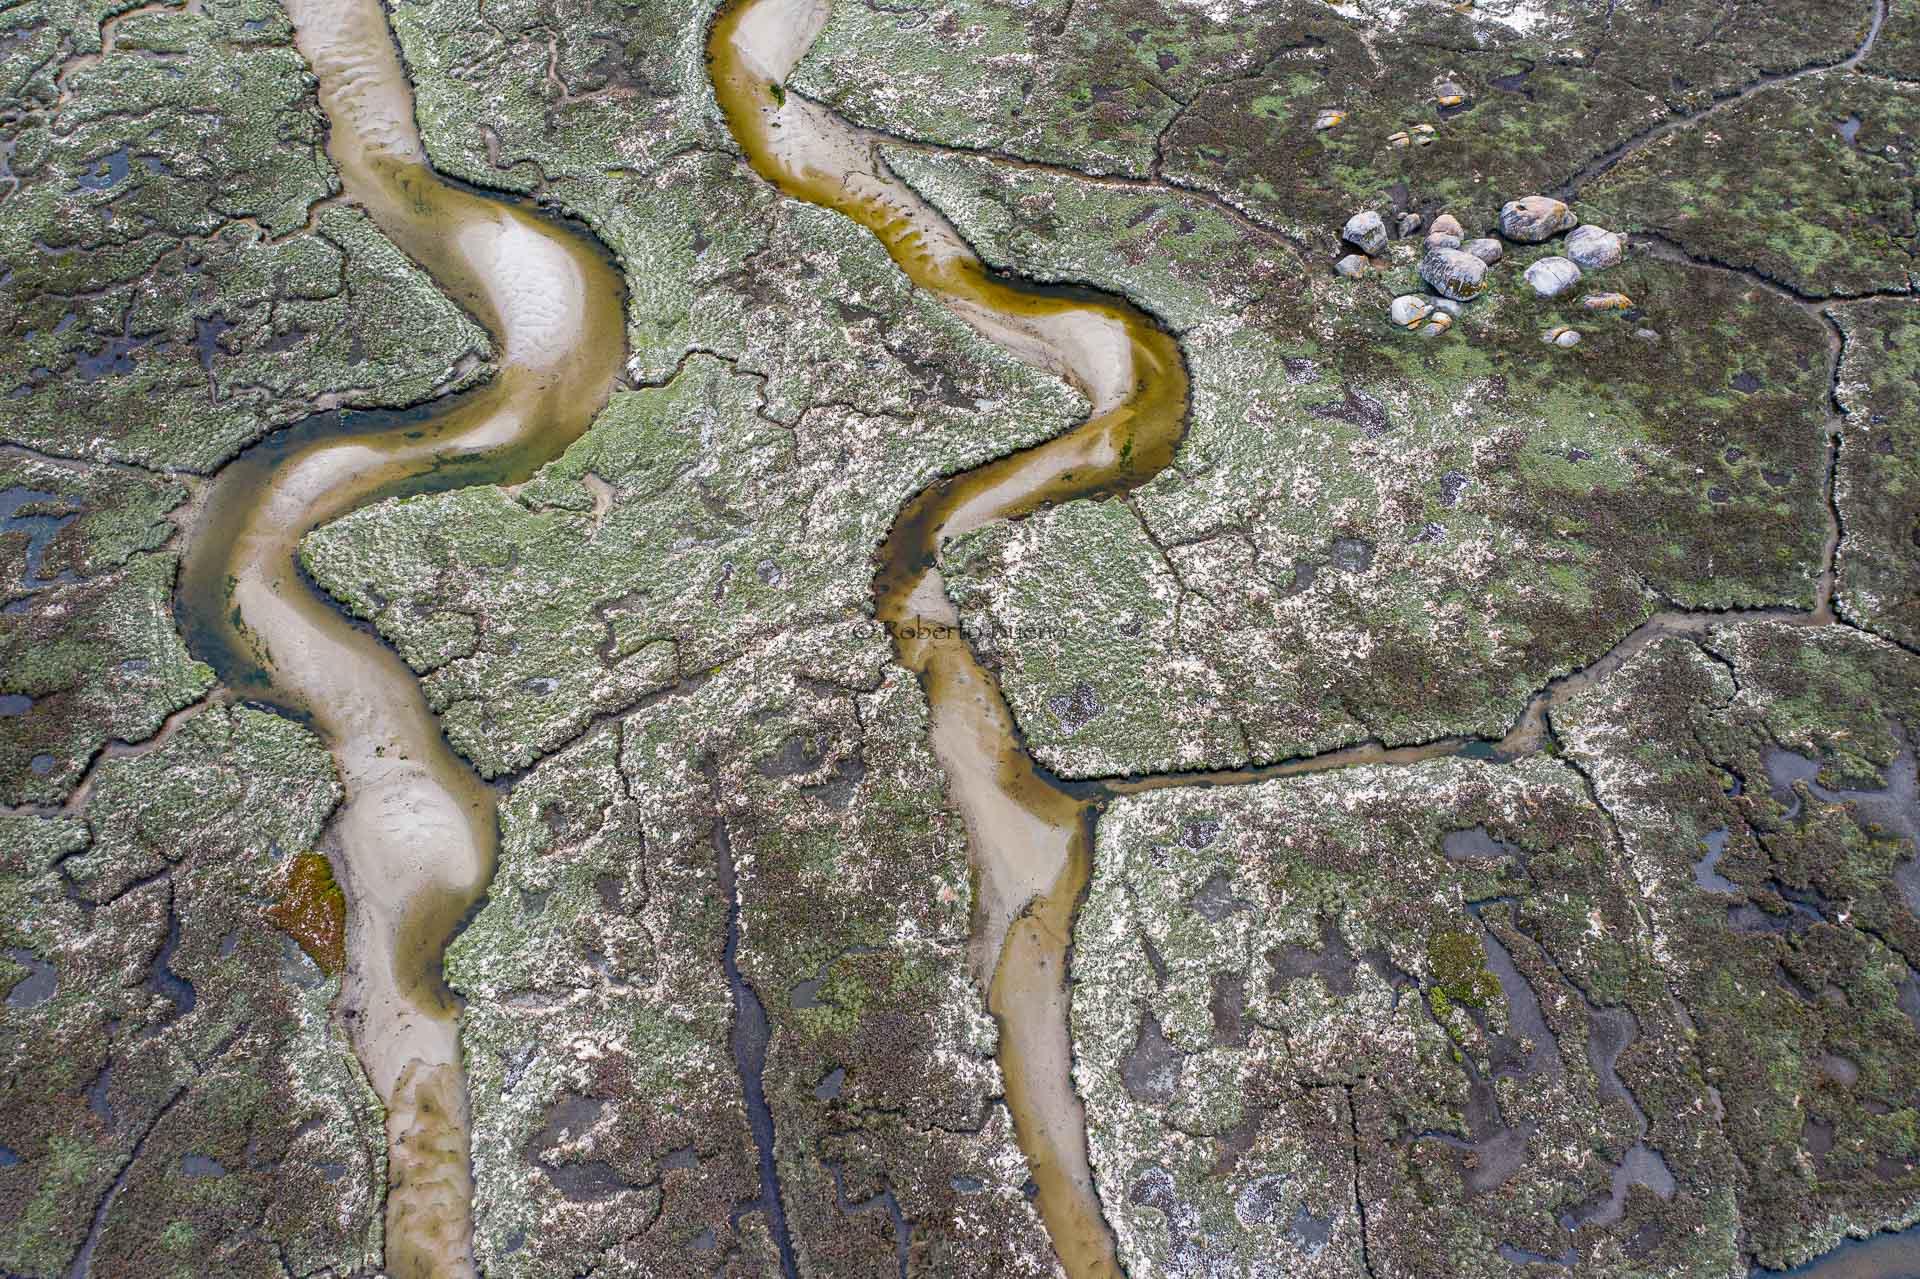 Curvas paralelas - Desde el aire 2 - Roberto Bueno - Fotografía de Naturaleza - Luces del Planeta - Desde el aire